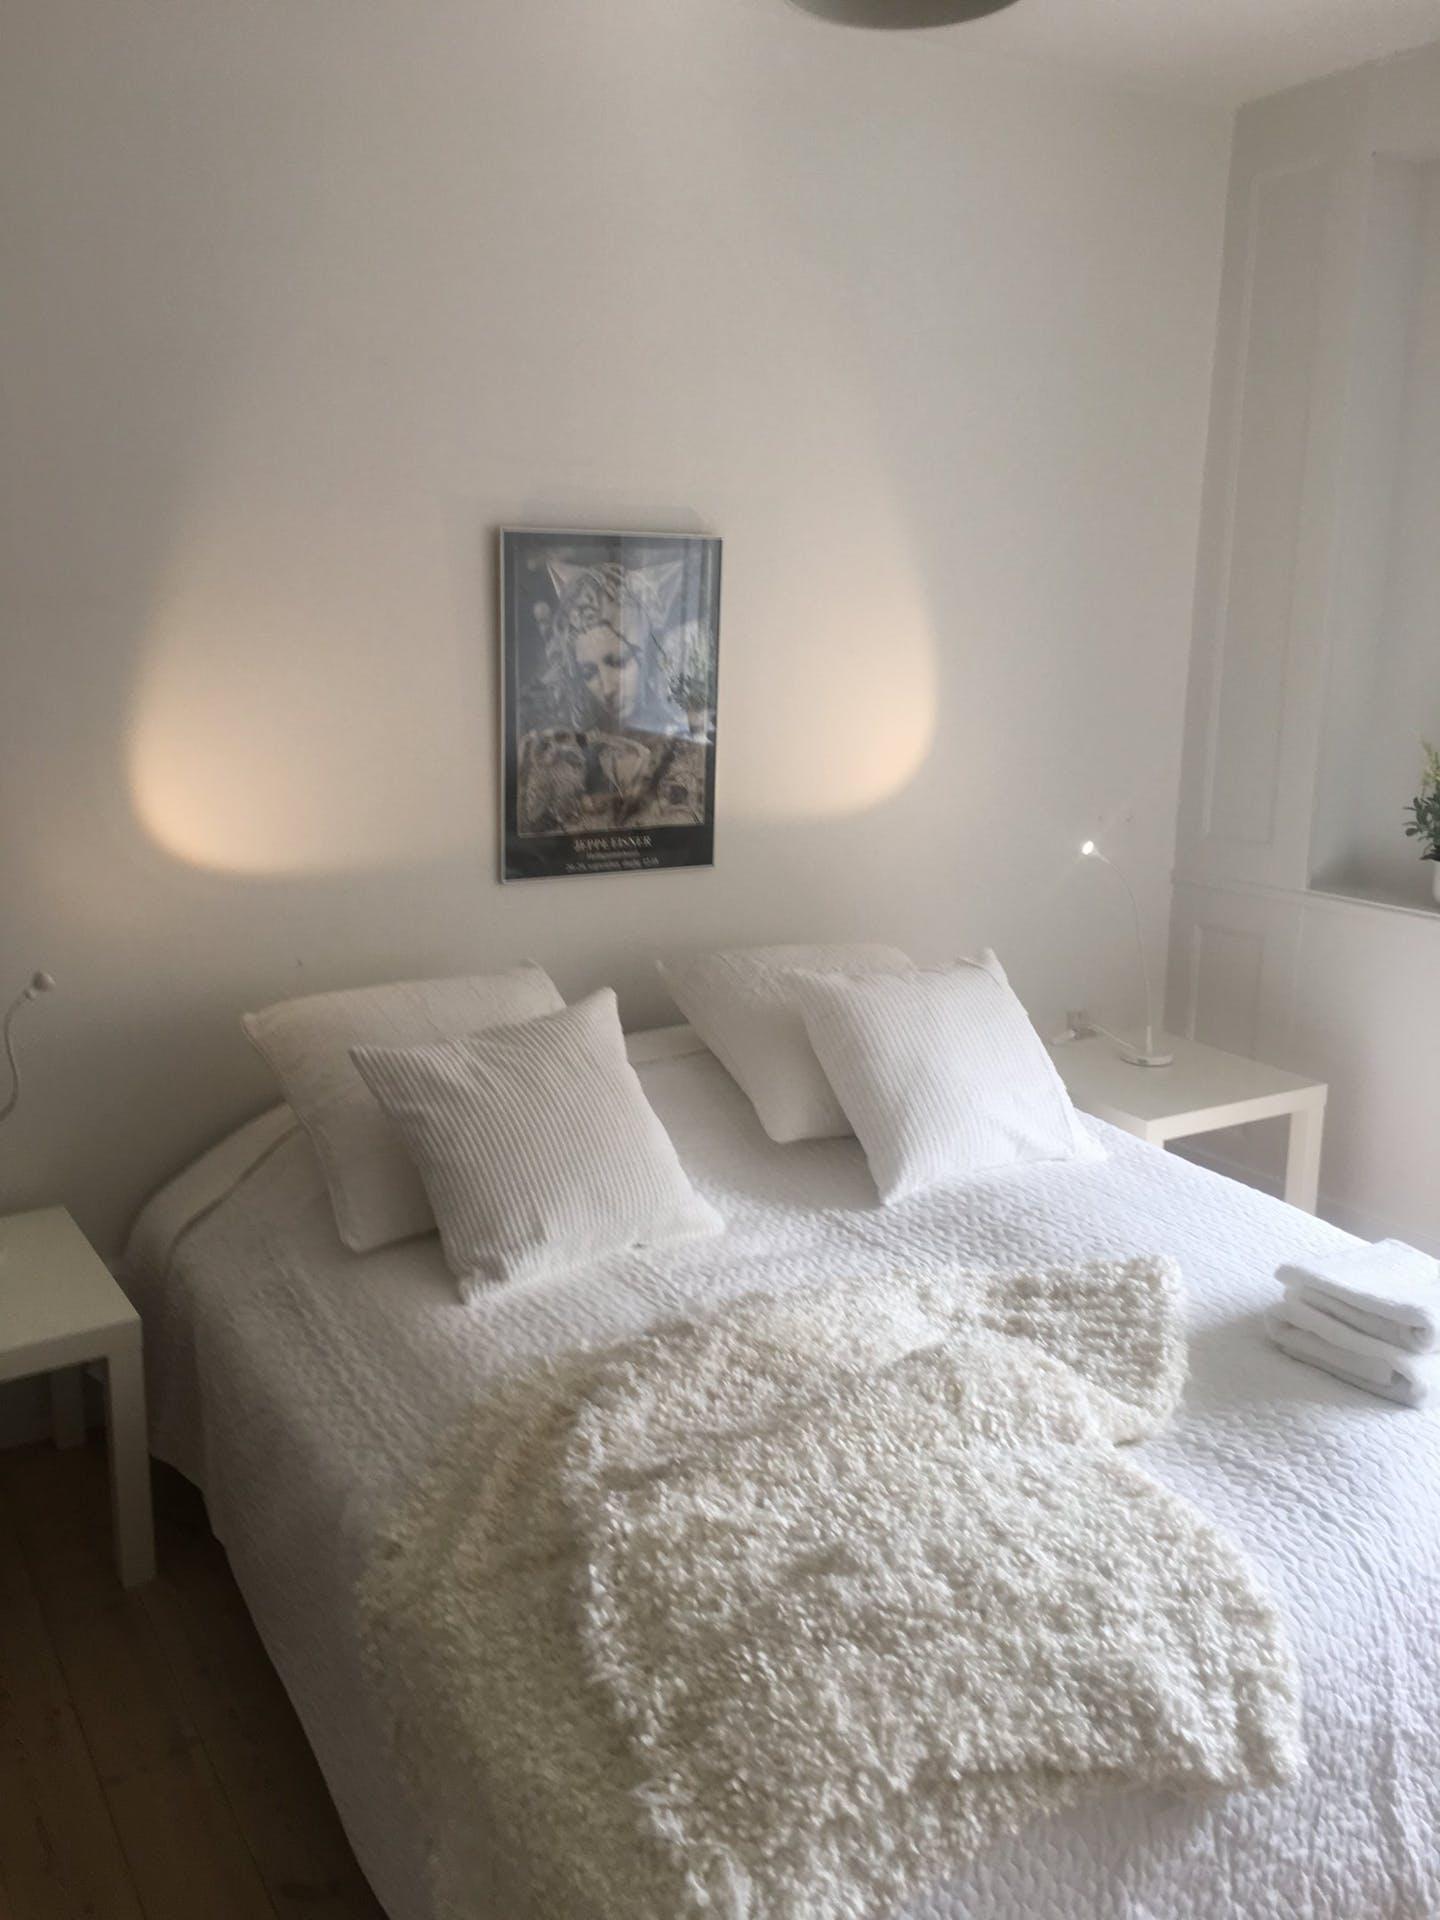 Bedroom at Nørrebrogade Apartments, Nørrebro, Copenhagen